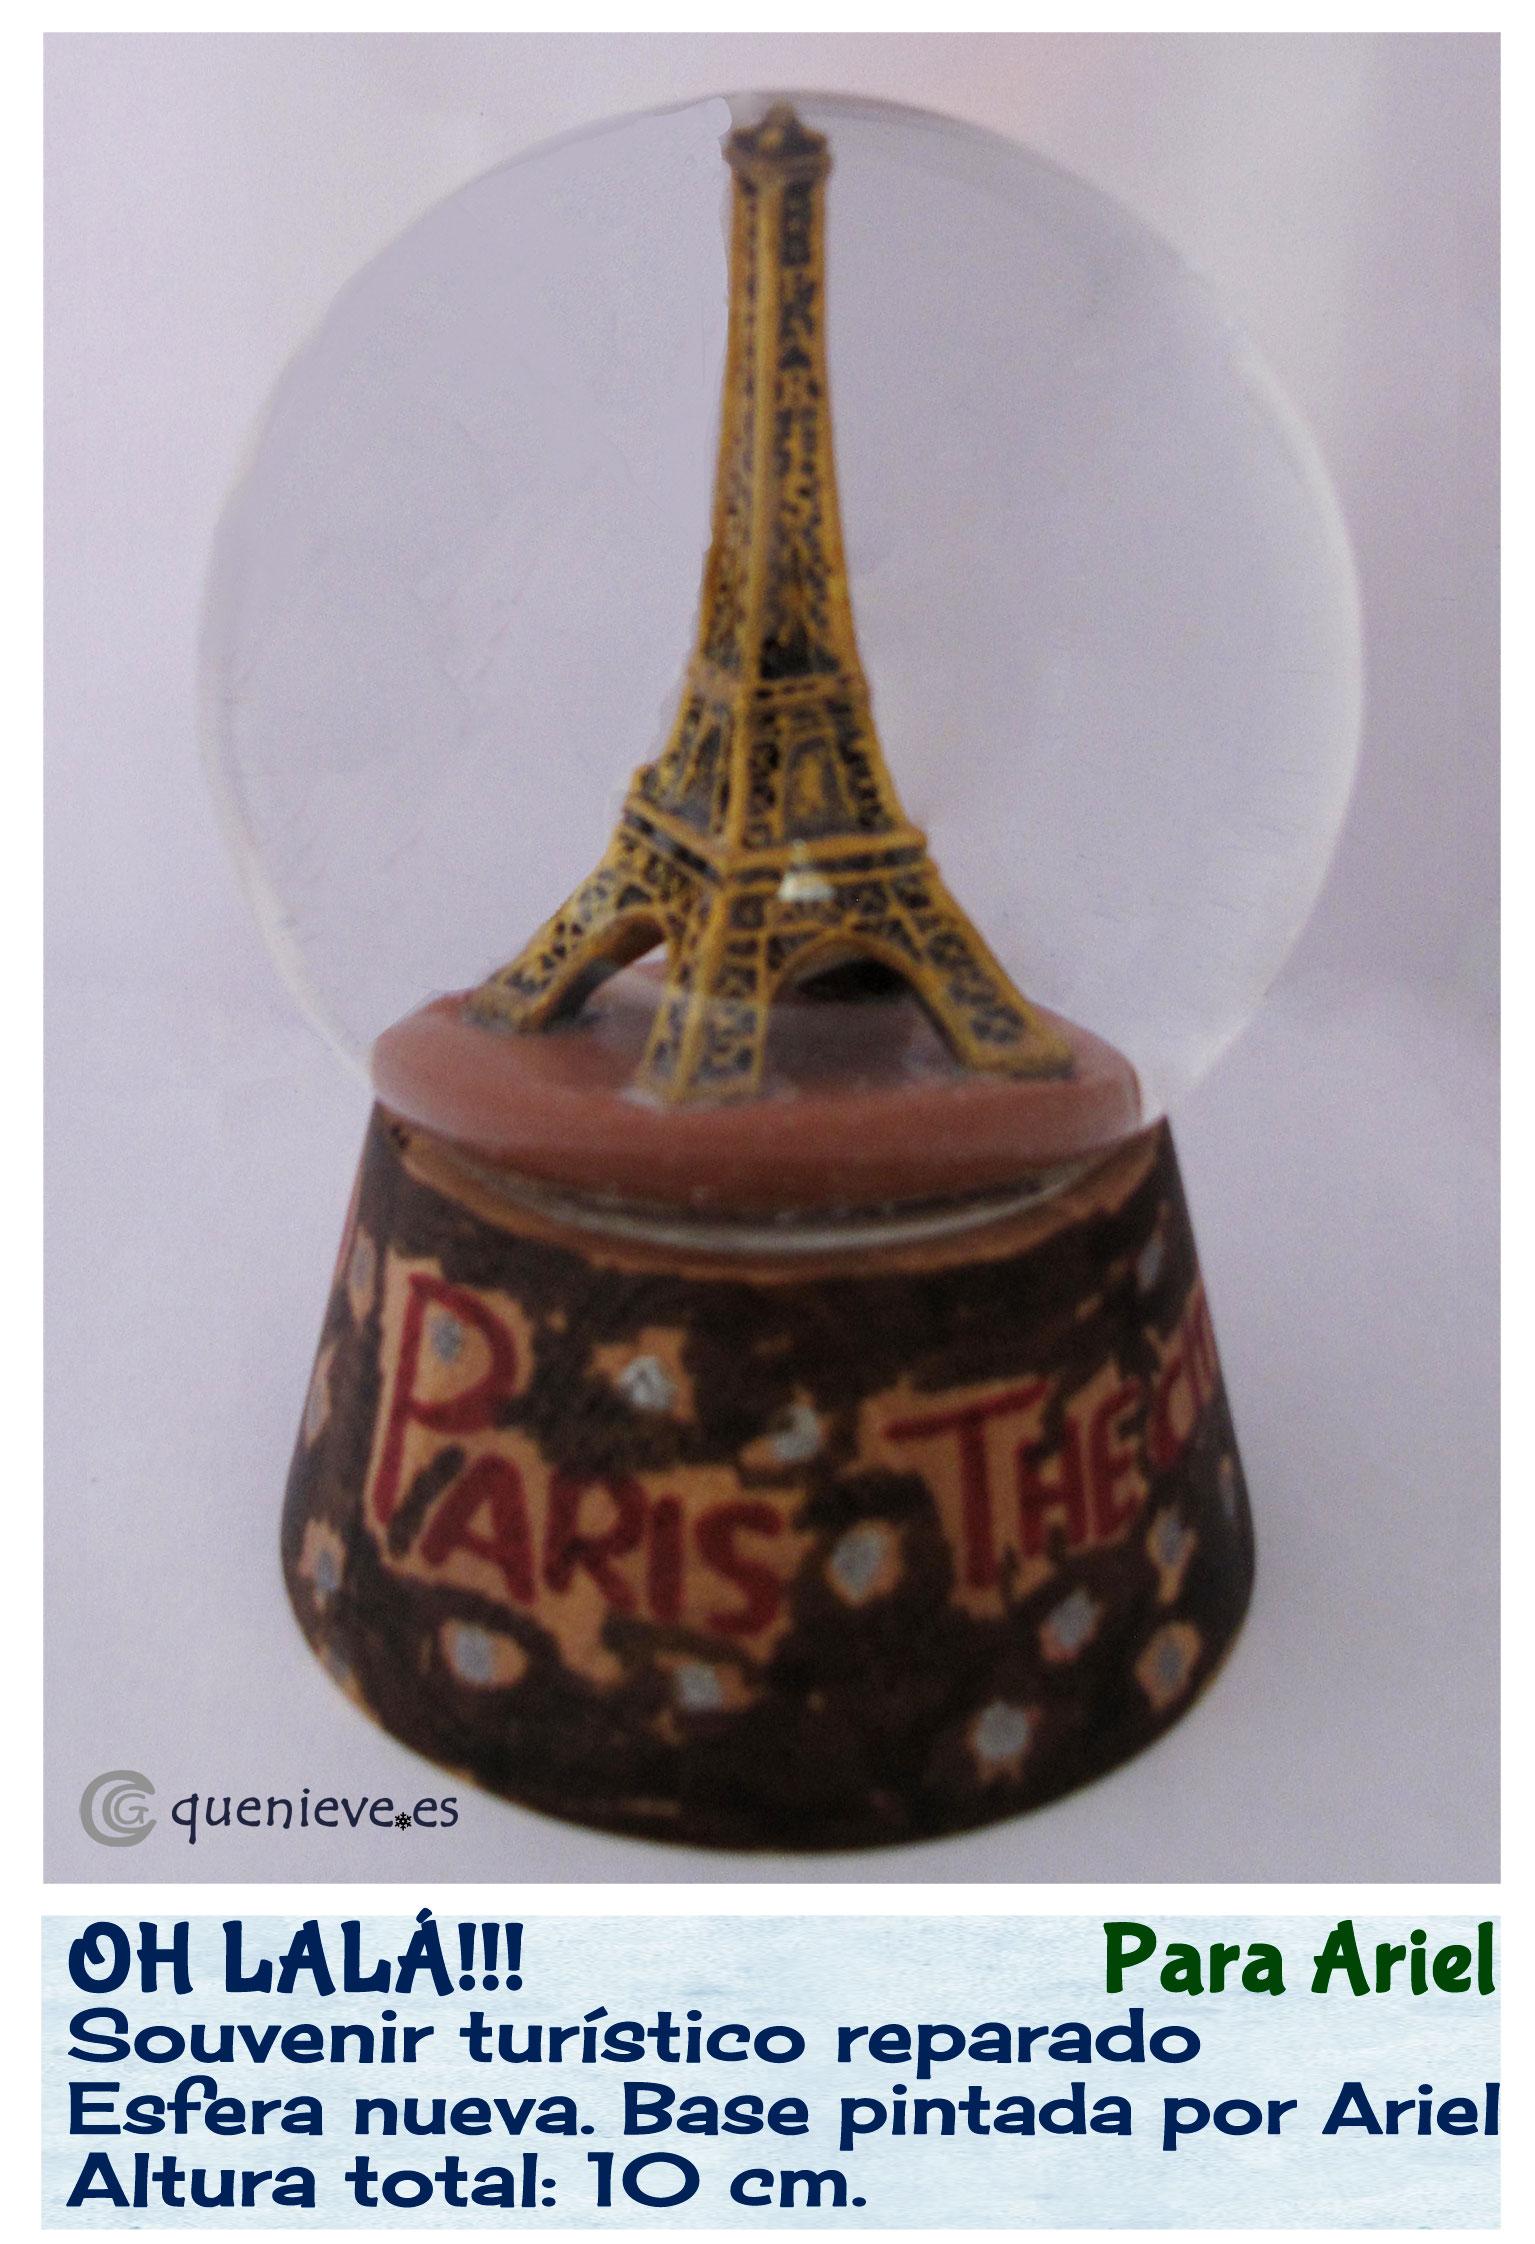 Bola de nieve con figura Torre Eiffel. Creada por Que Nieve